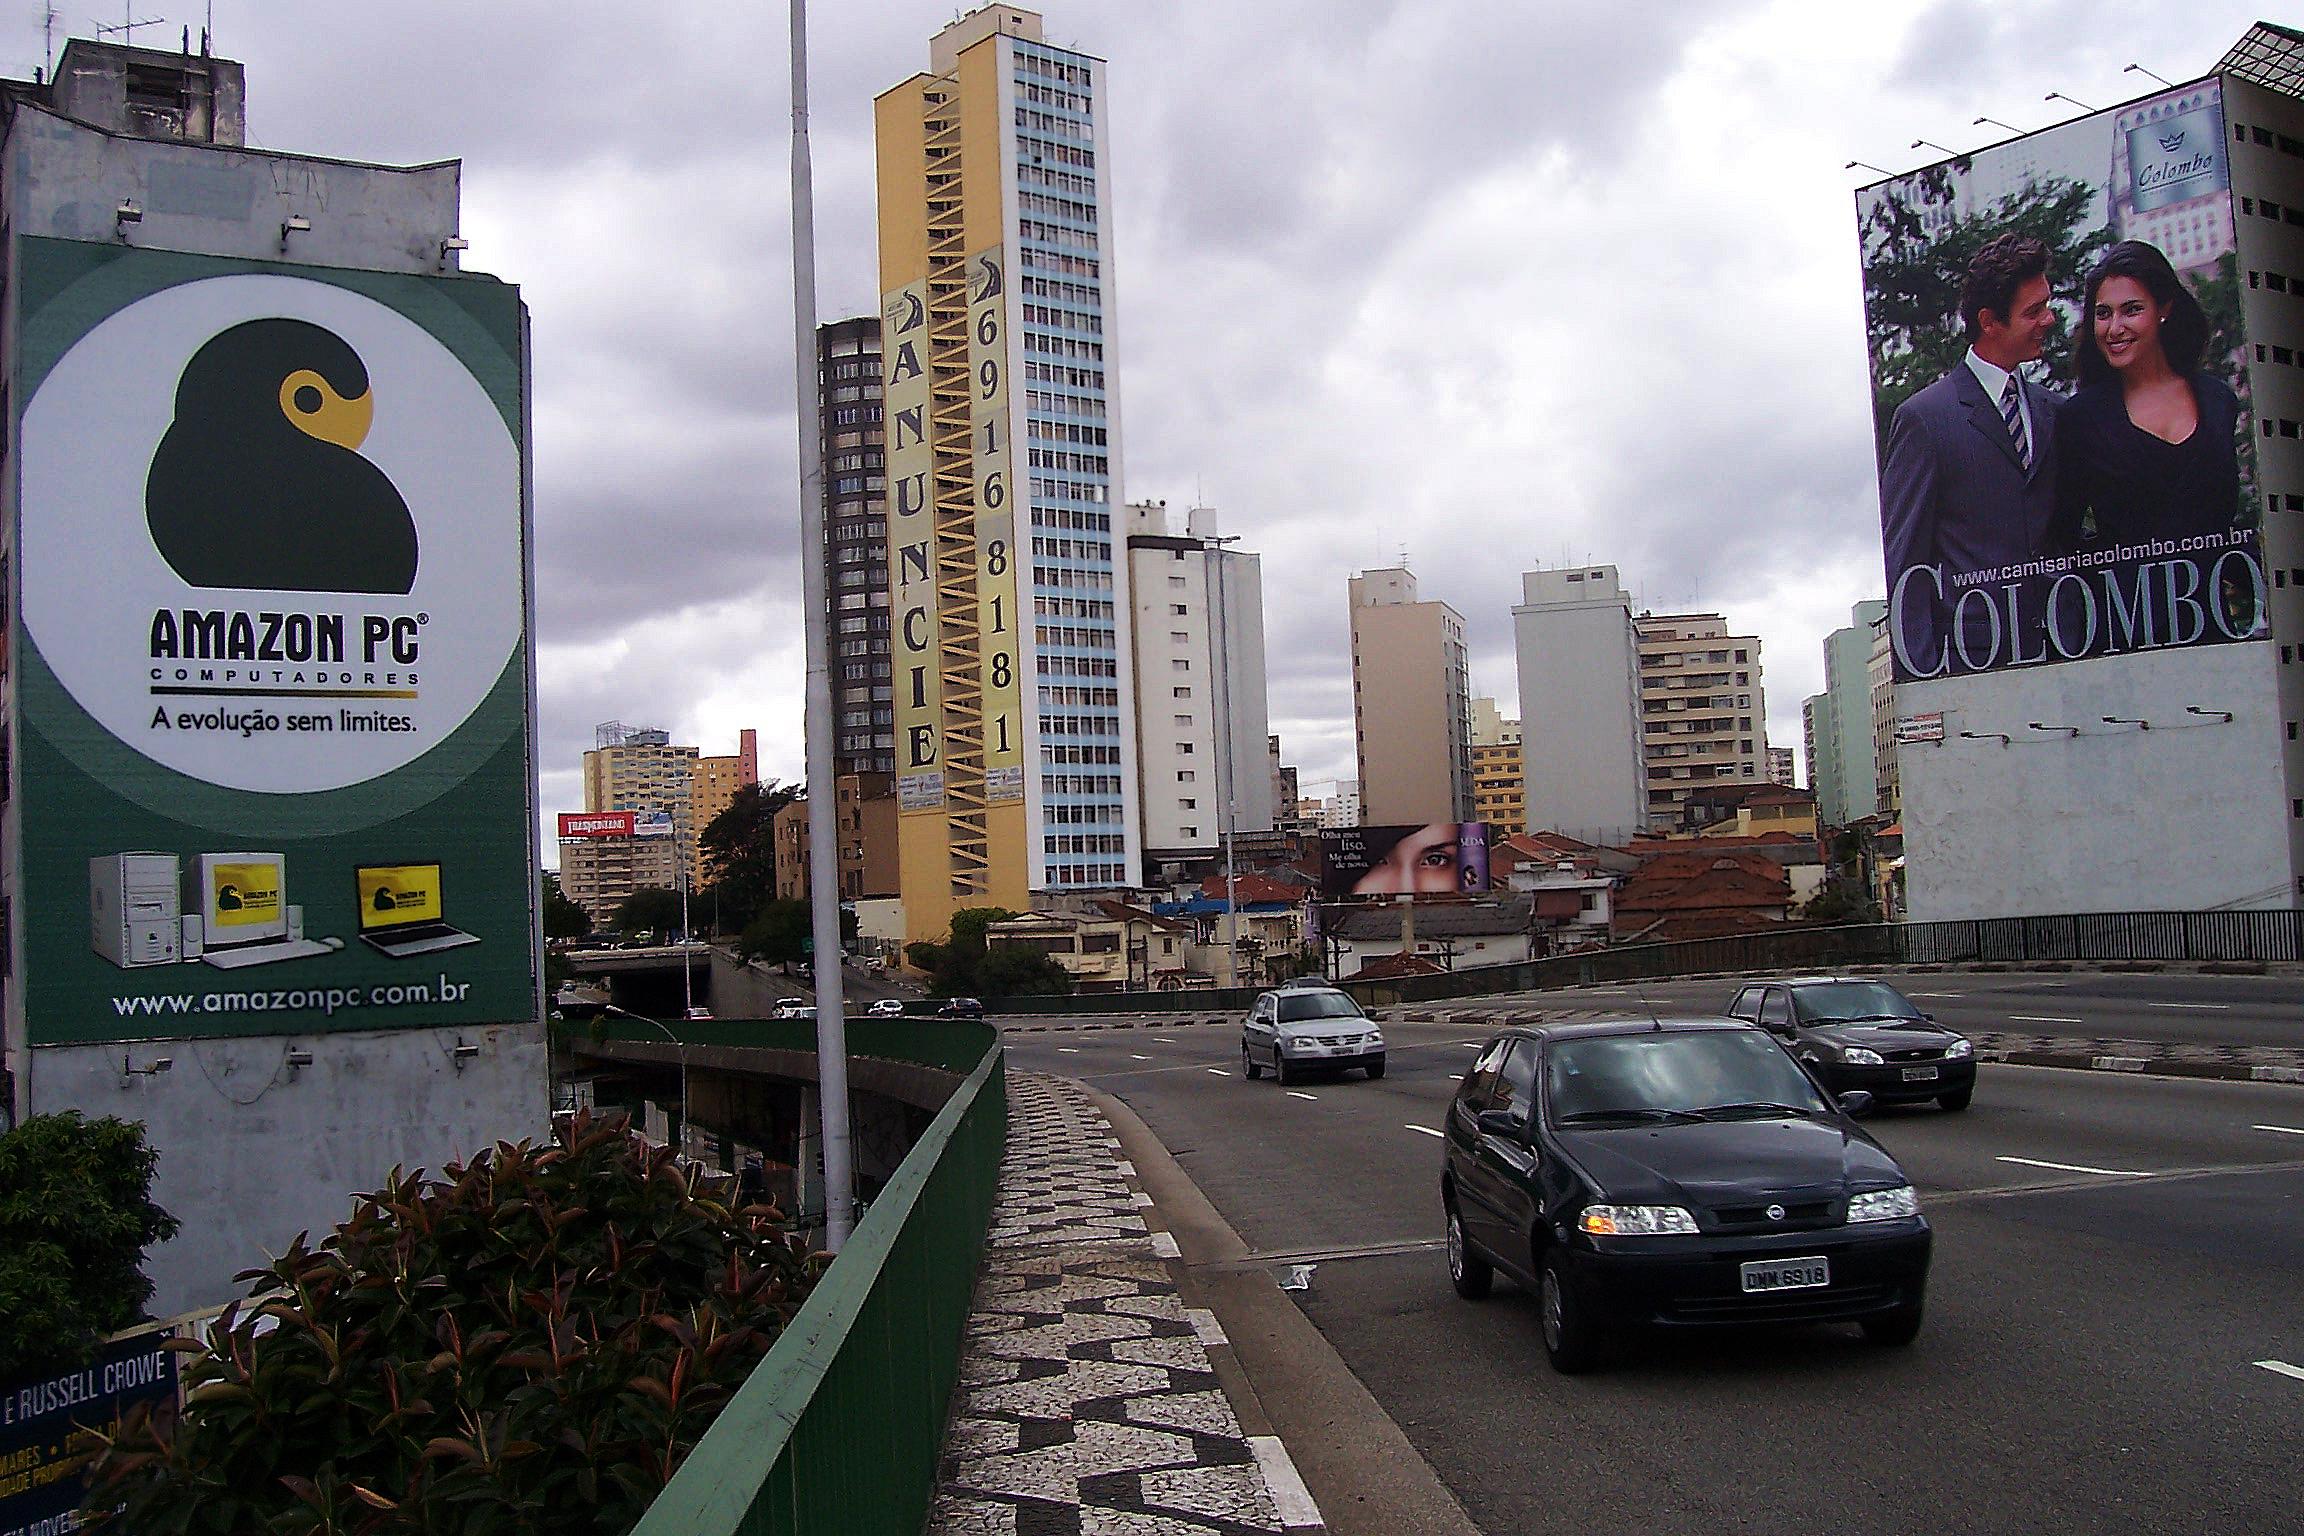 O letramento social no ambiente urbano